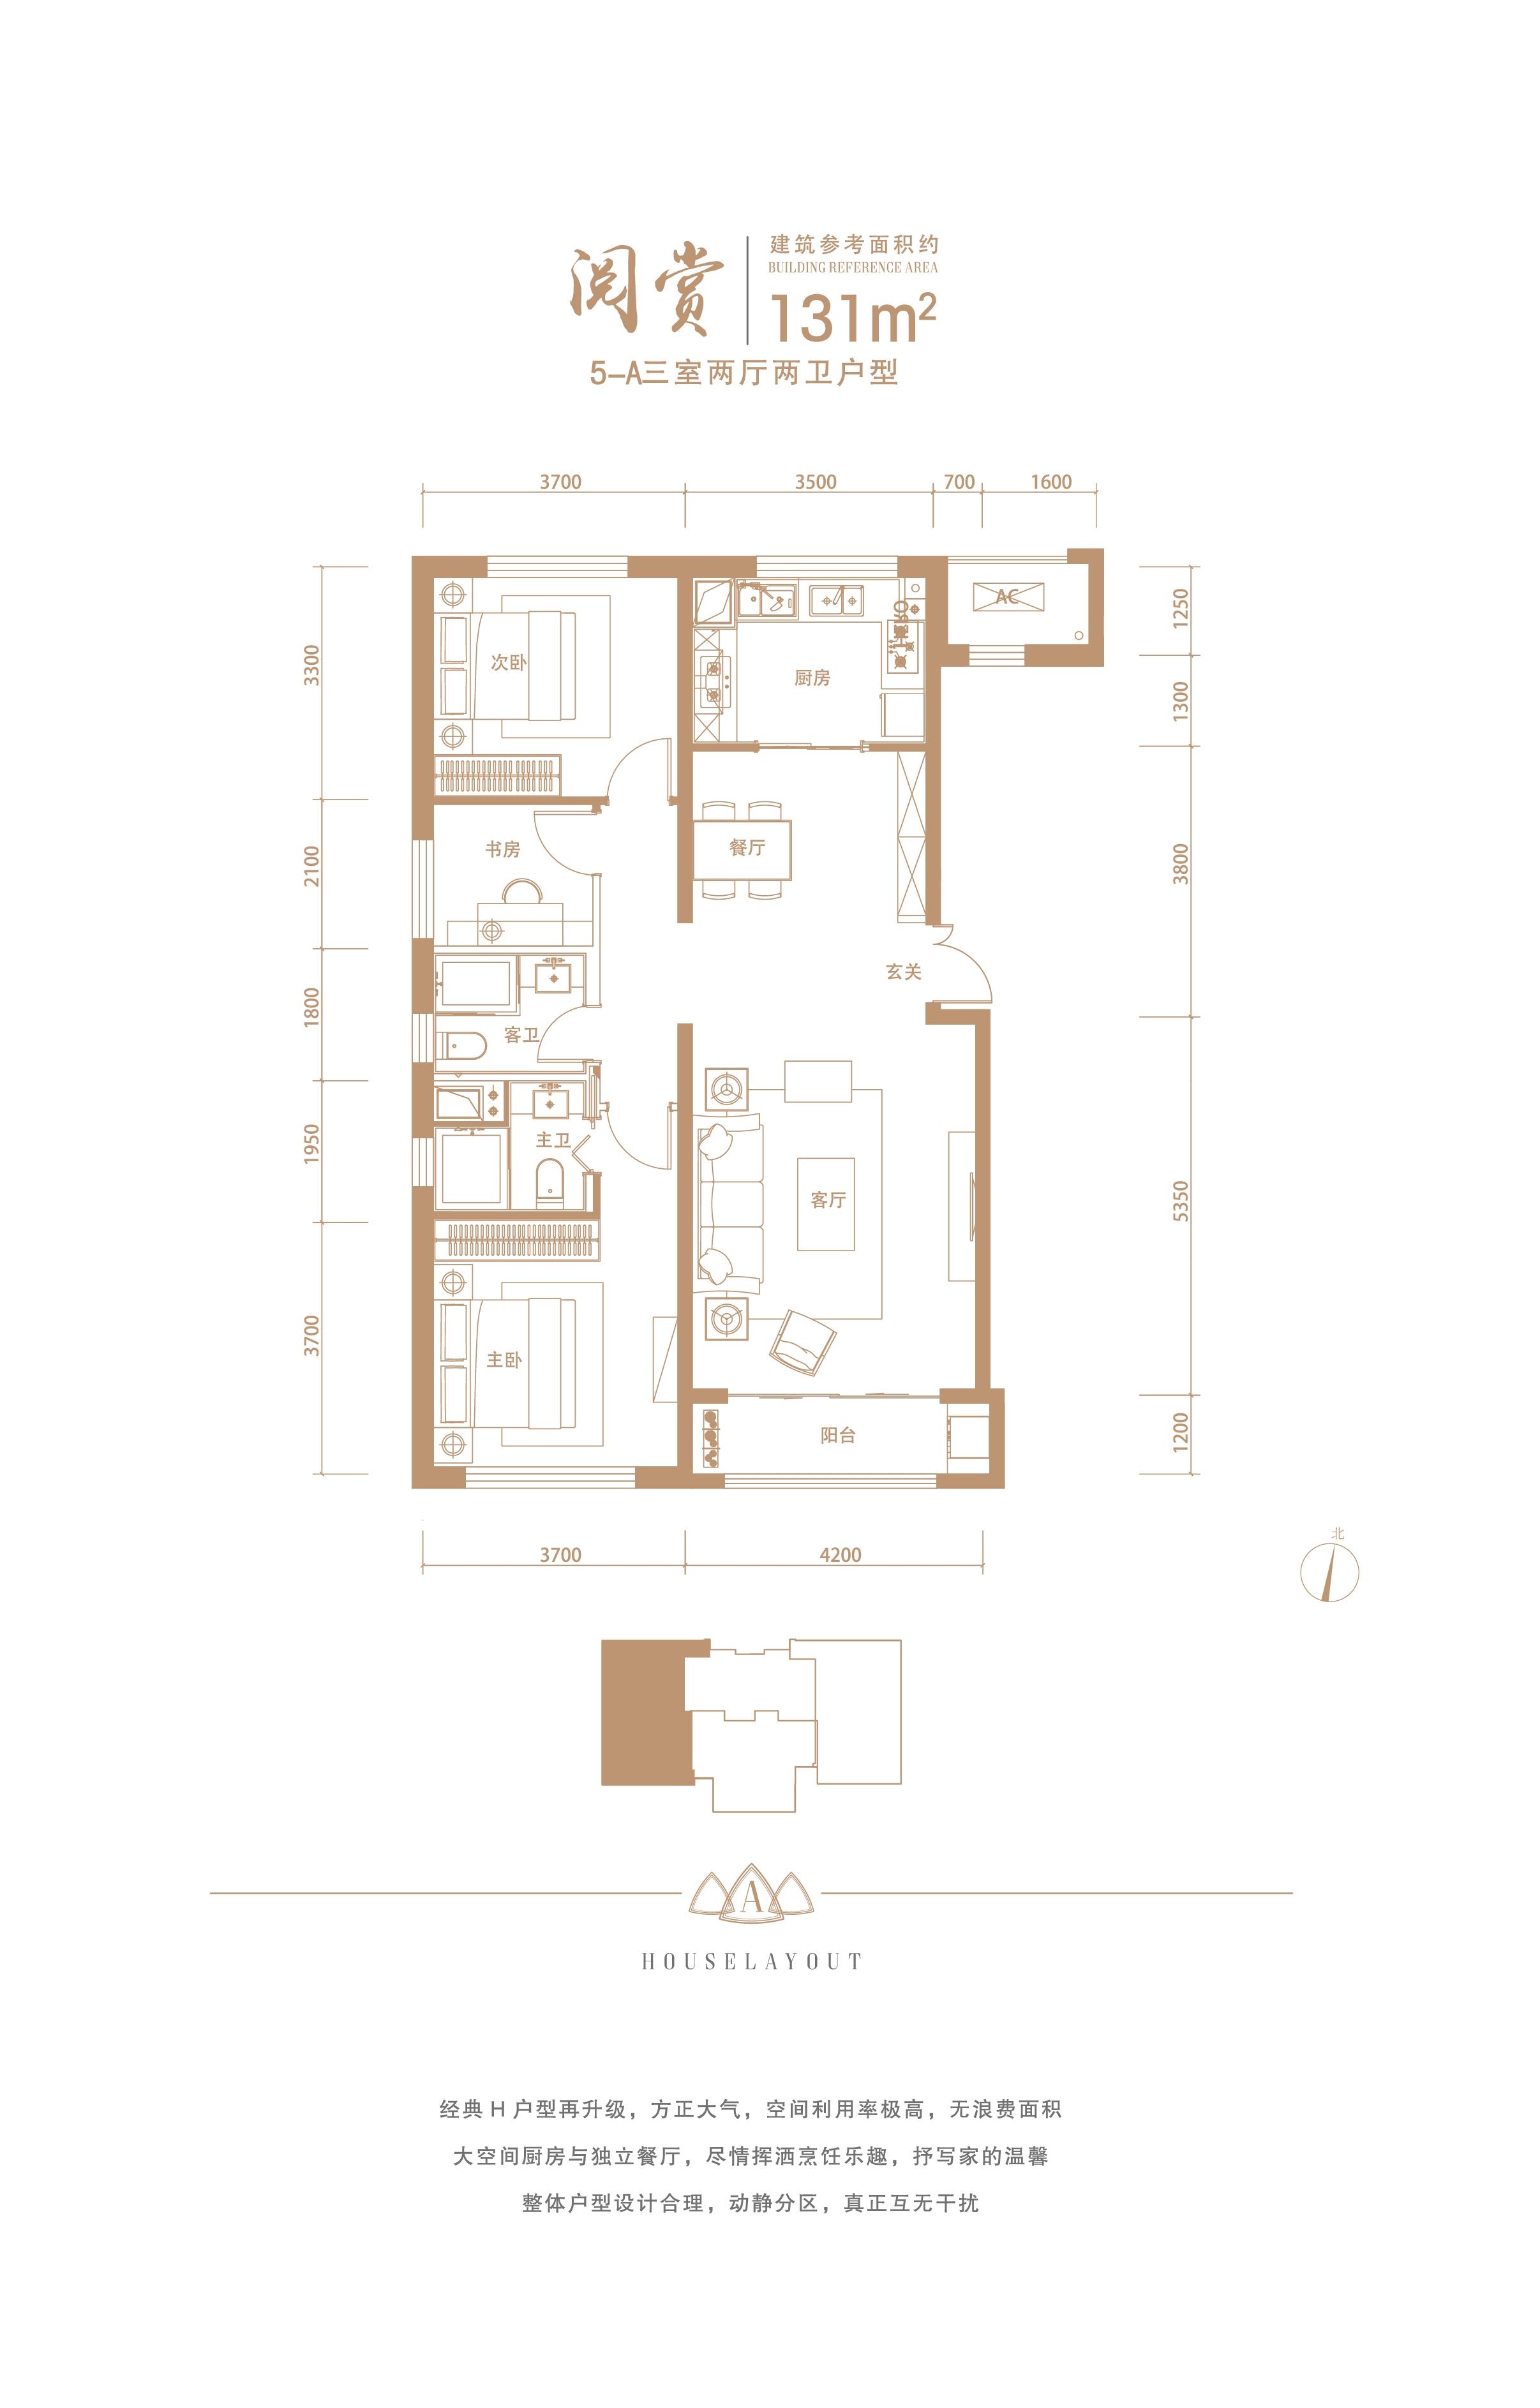 5-A户型131平米 三室两厅两卫